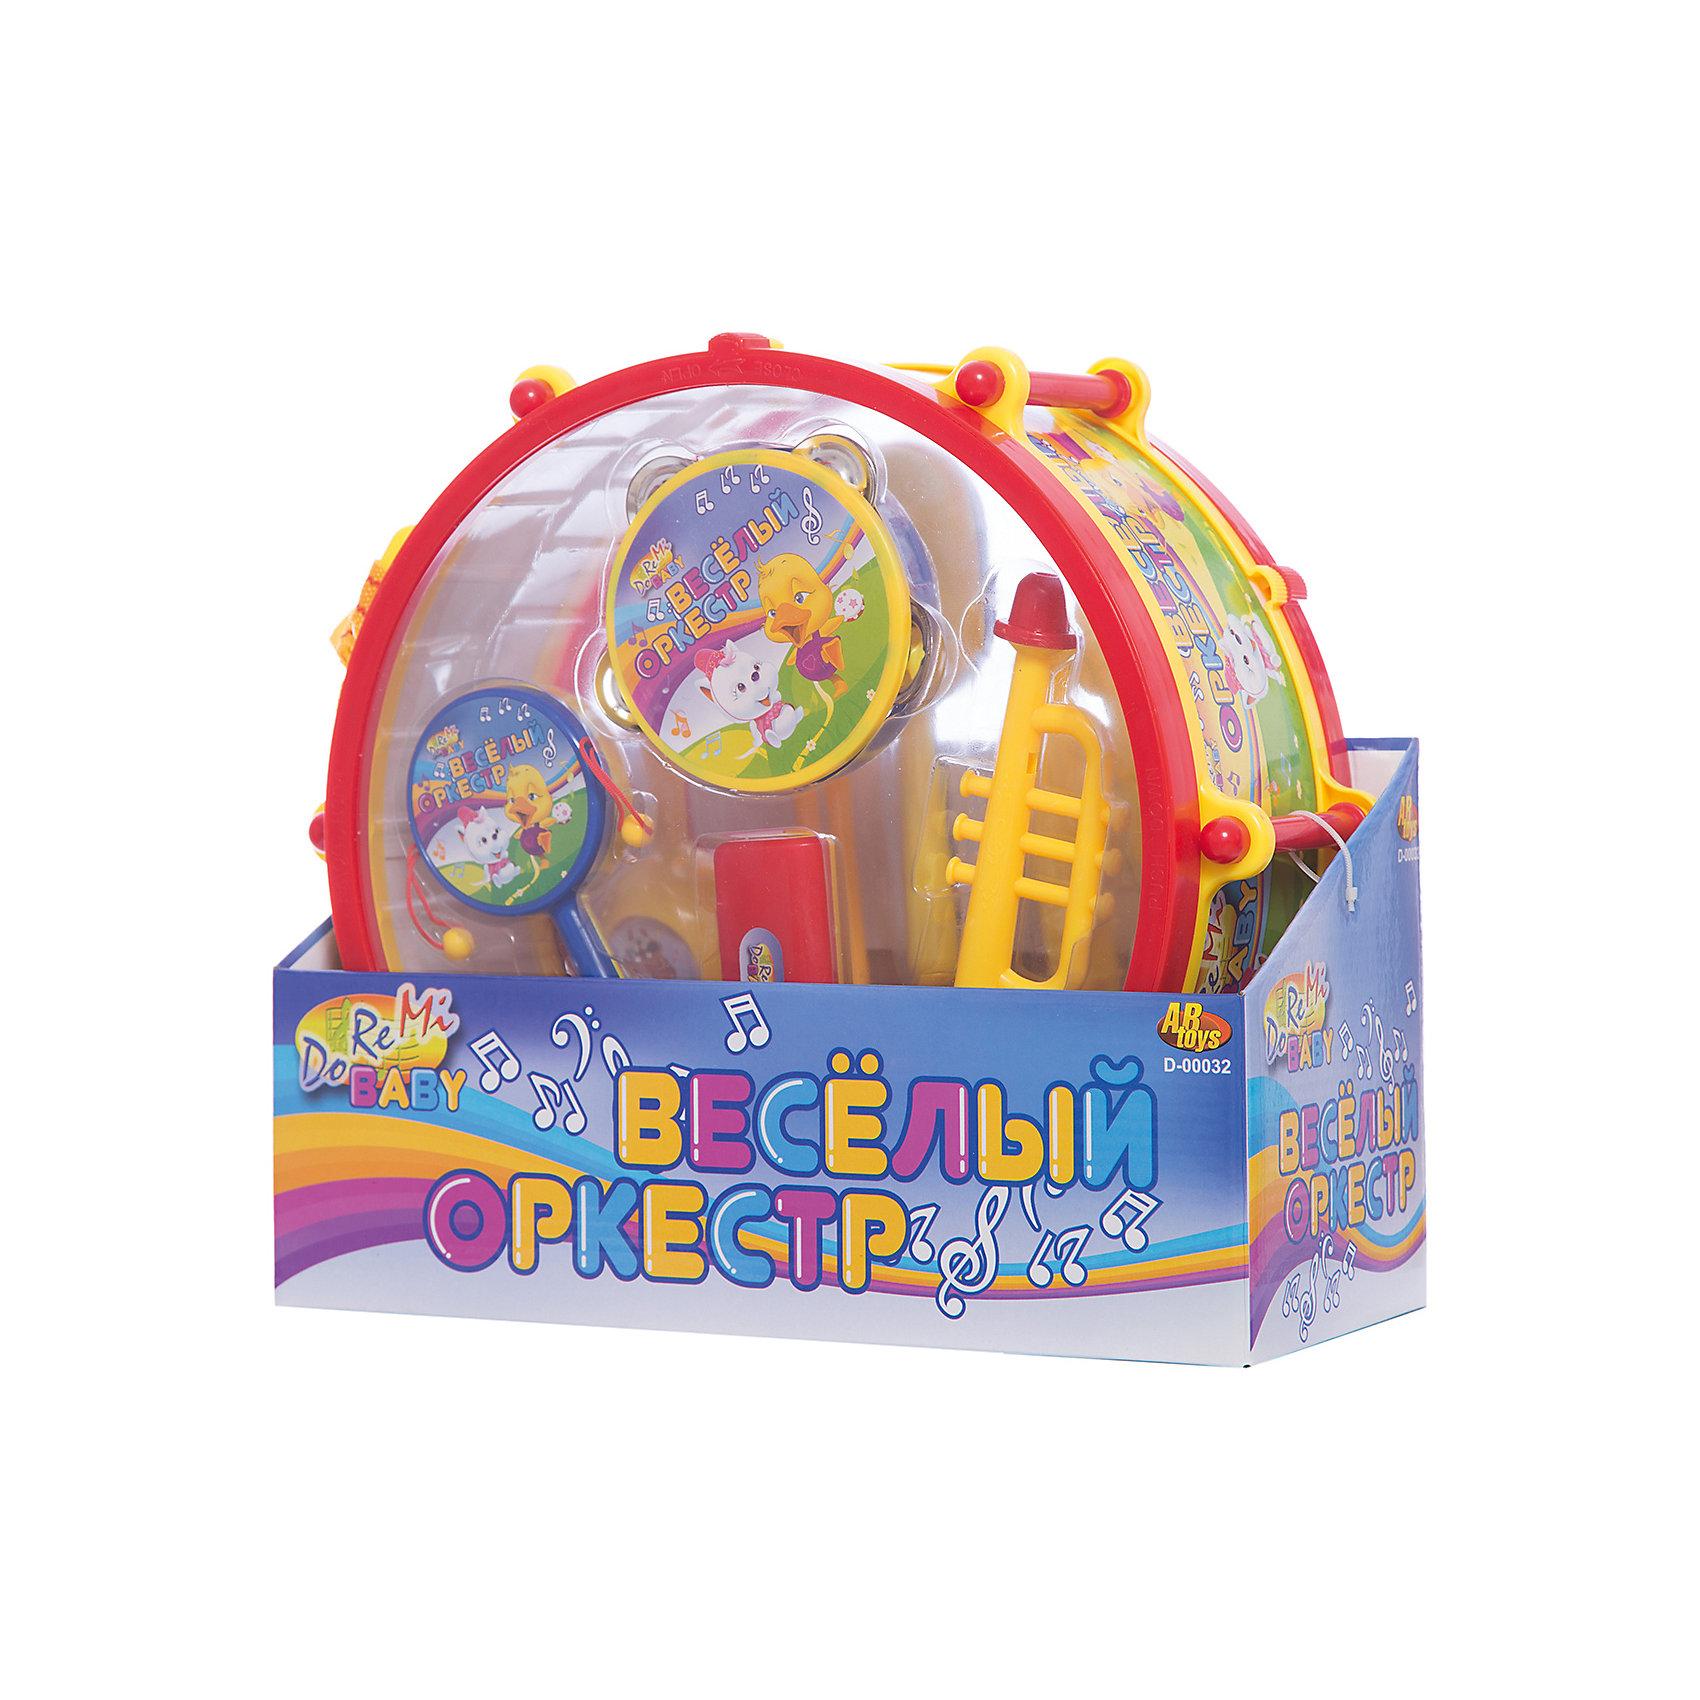 Набор музыкальных инструментов Веселый оркестр в барабанеМузыкальные инструменты и игрушки<br>Набор музыкальных детских инструментов Веселый оркестр в барабане- позволит весело играть одному и с друзьями, создавая целый букет разнообразных звуков! Набор включает в себя барабан диаметром 27 см, трубу детскую, бубен детский, маракасы, а также и другие музыкальные детские инструменты, которые позволят ребенку приобрести начальные знания о музыкальных инструментах, научиться ими пользоваться, извлекая звуки, развивая свое слуховое восприятие и мелкую моторику. Все инструменты яркие, красочные, издают приятные, не резкие звуки.<br><br>Дополнительная информация:<br><br>-  В набор входят 7 инструментов: барабан (диаметр 27 см), труба, бубен, маракасы, а также и другие музыкальные инструменты;<br>- Игрушка развивает: моторику рук и музыкальный слух;<br>- Естественное звучание;<br>- Можно играть одному и в компании;<br>- Материал: пластик;<br>- Диаметр барабана: 27 см;<br>- Размер: 31 х 27,5 х 13 см;<br>- Вес: 889 г<br><br>Набор музыкальных инструментов Веселый оркестр в барабане  можно купить в нашем интернет-магазине.<br><br>Ширина мм: 310<br>Глубина мм: 275<br>Высота мм: 130<br>Вес г: 889<br>Возраст от месяцев: 36<br>Возраст до месяцев: 72<br>Пол: Унисекс<br>Возраст: Детский<br>SKU: 3676494